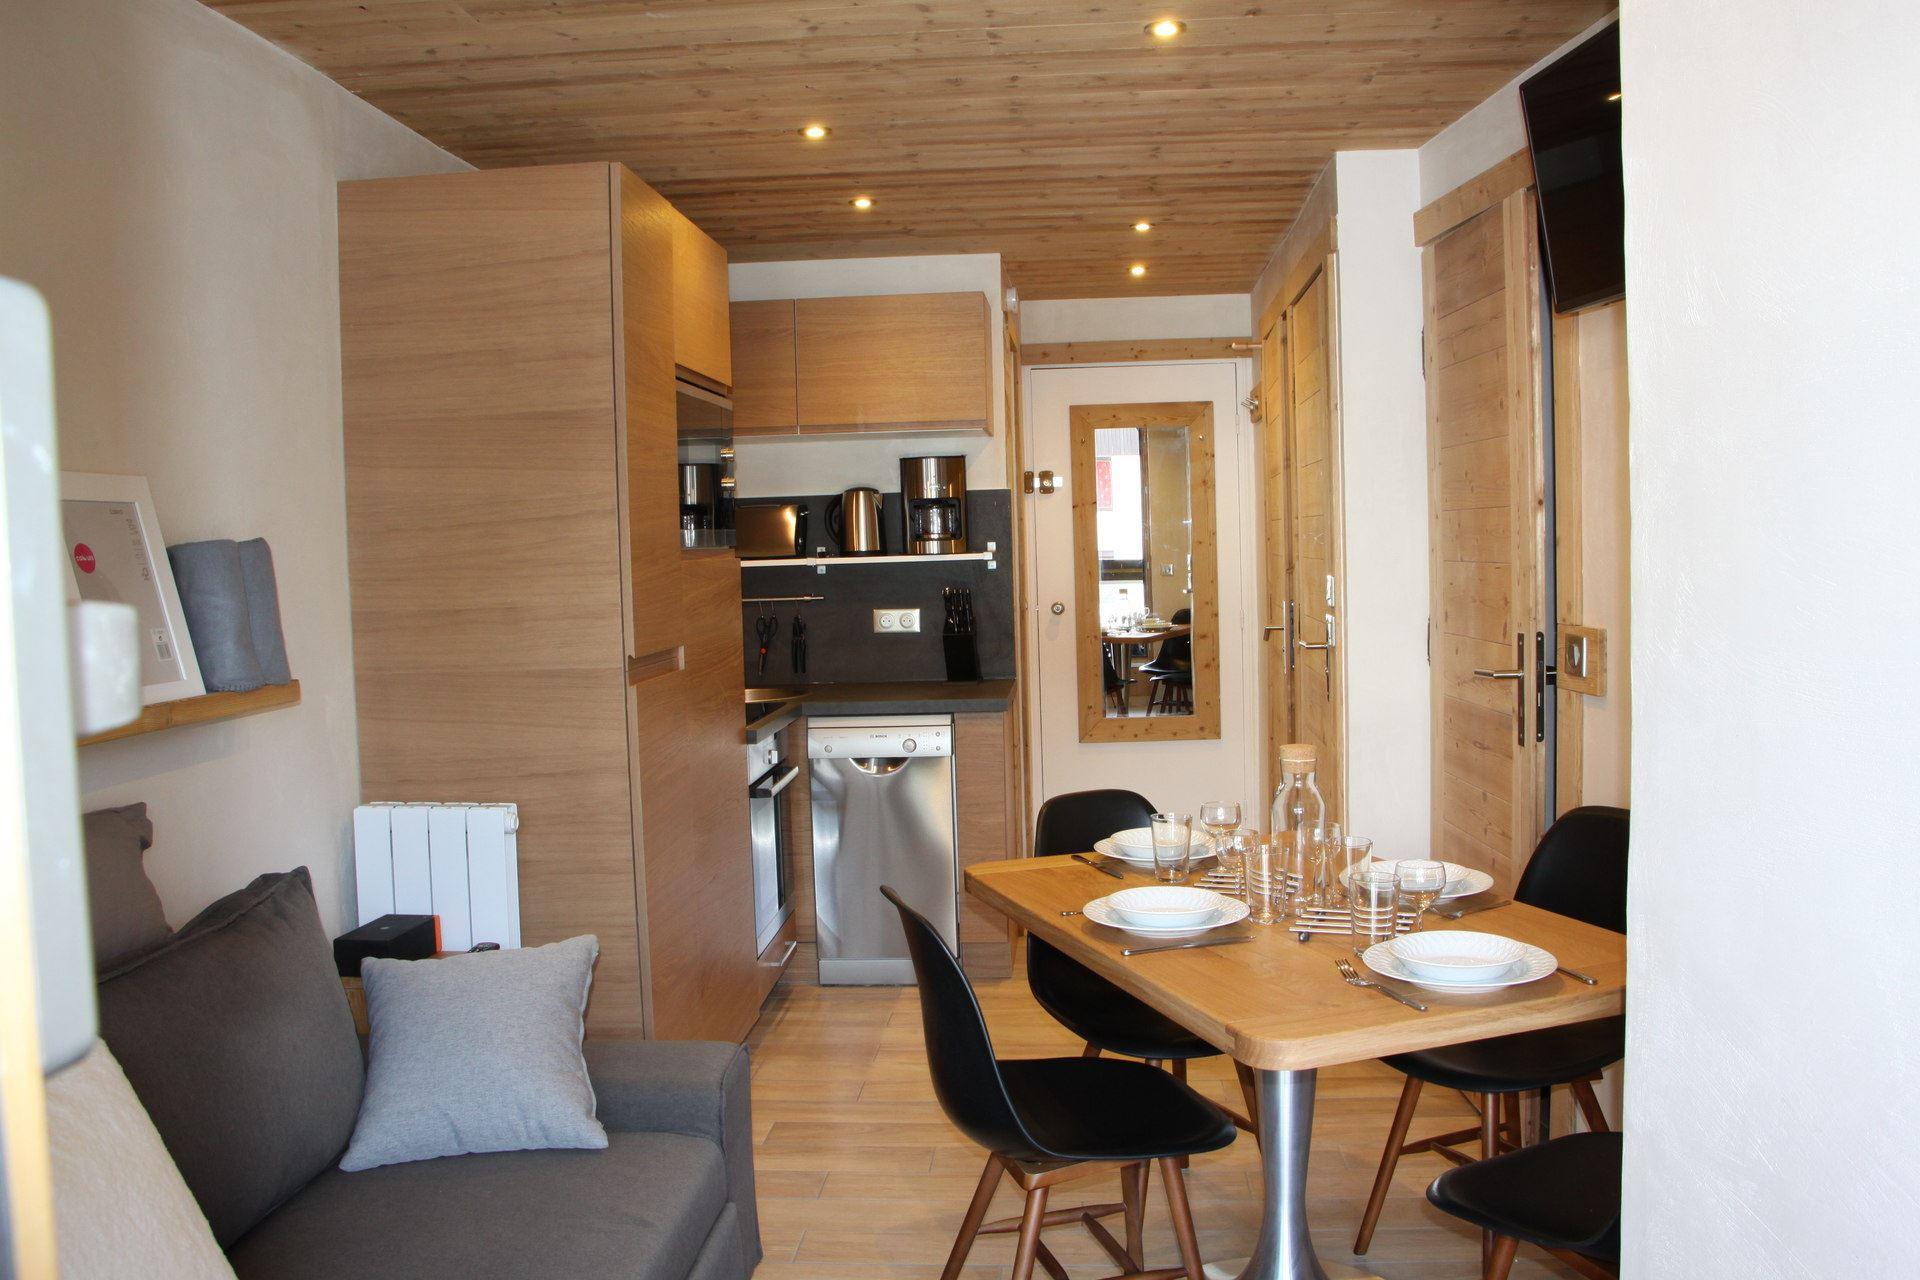 2 Room + cabin 4 pers ski-in ski-out / SOLDANELLES A 104